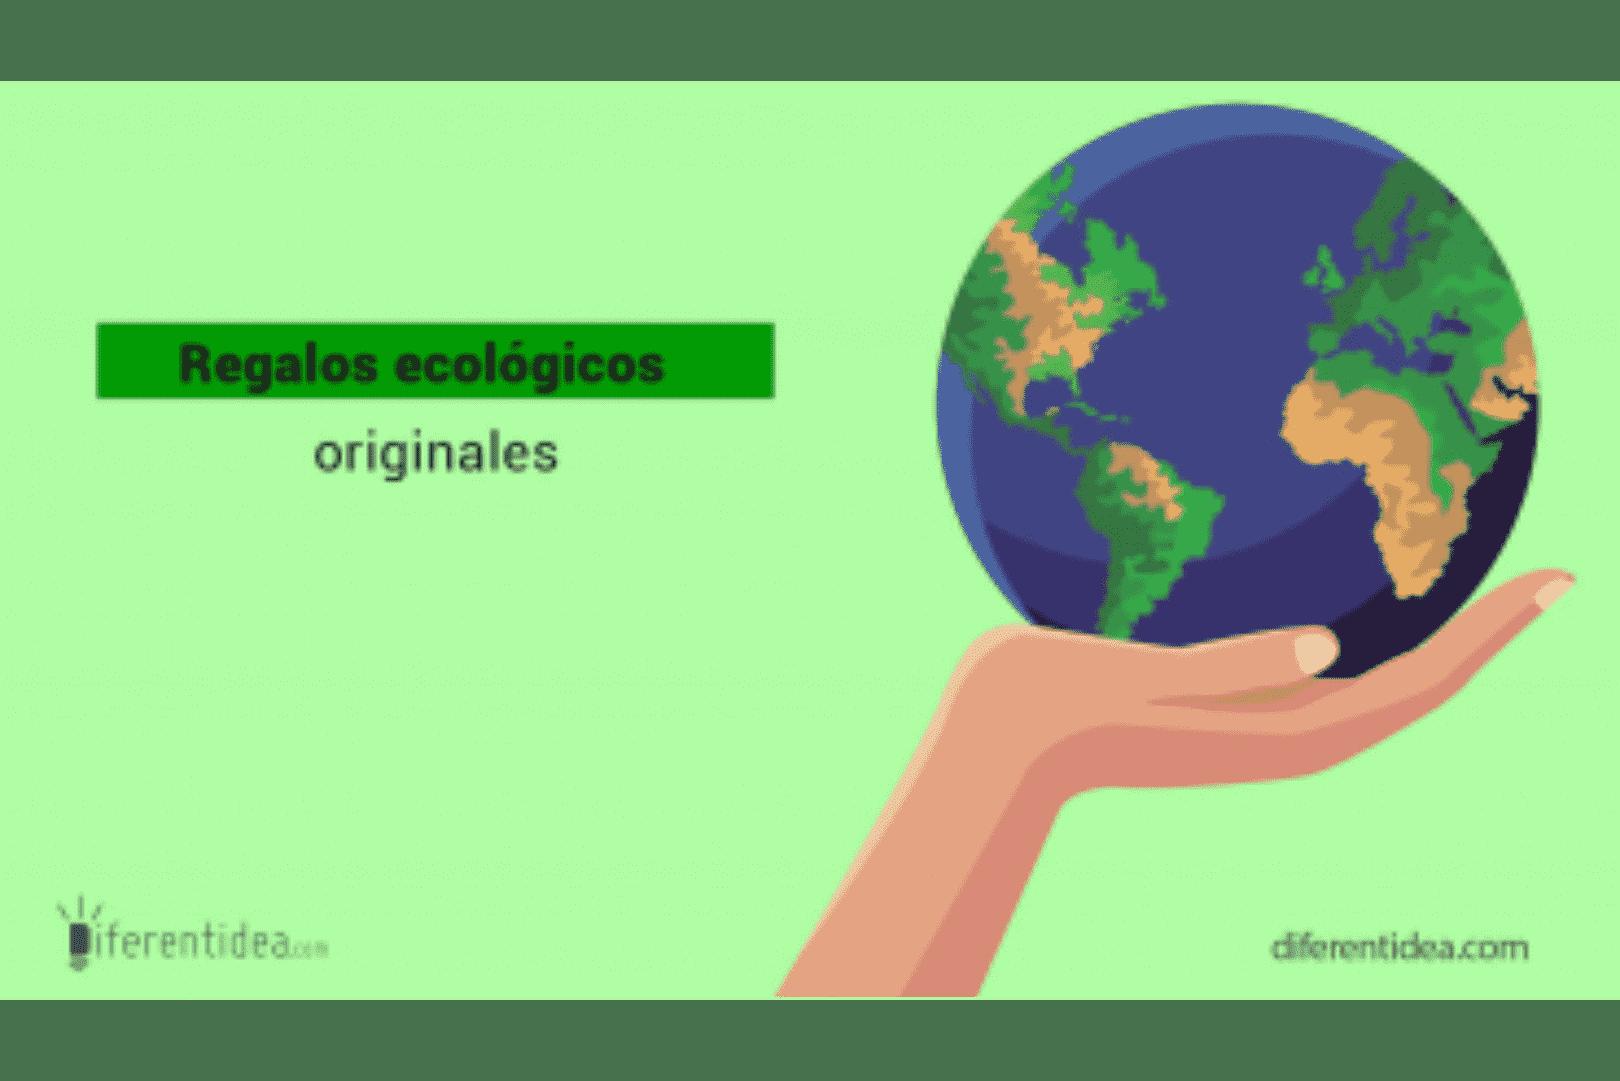 lg-b-regalos ecologicos